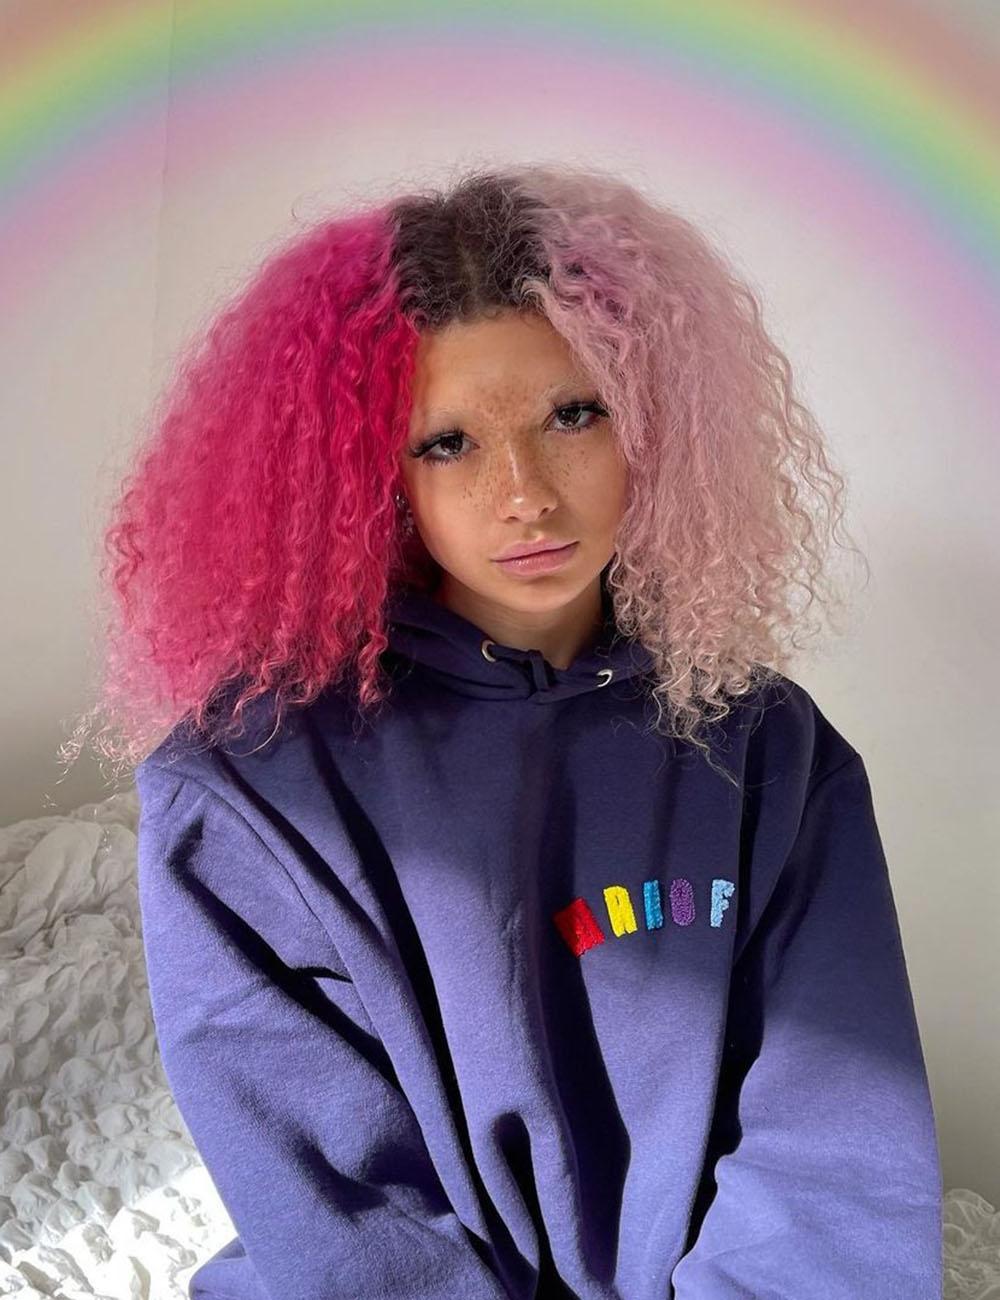 cabelo rosa bicolor cacheado